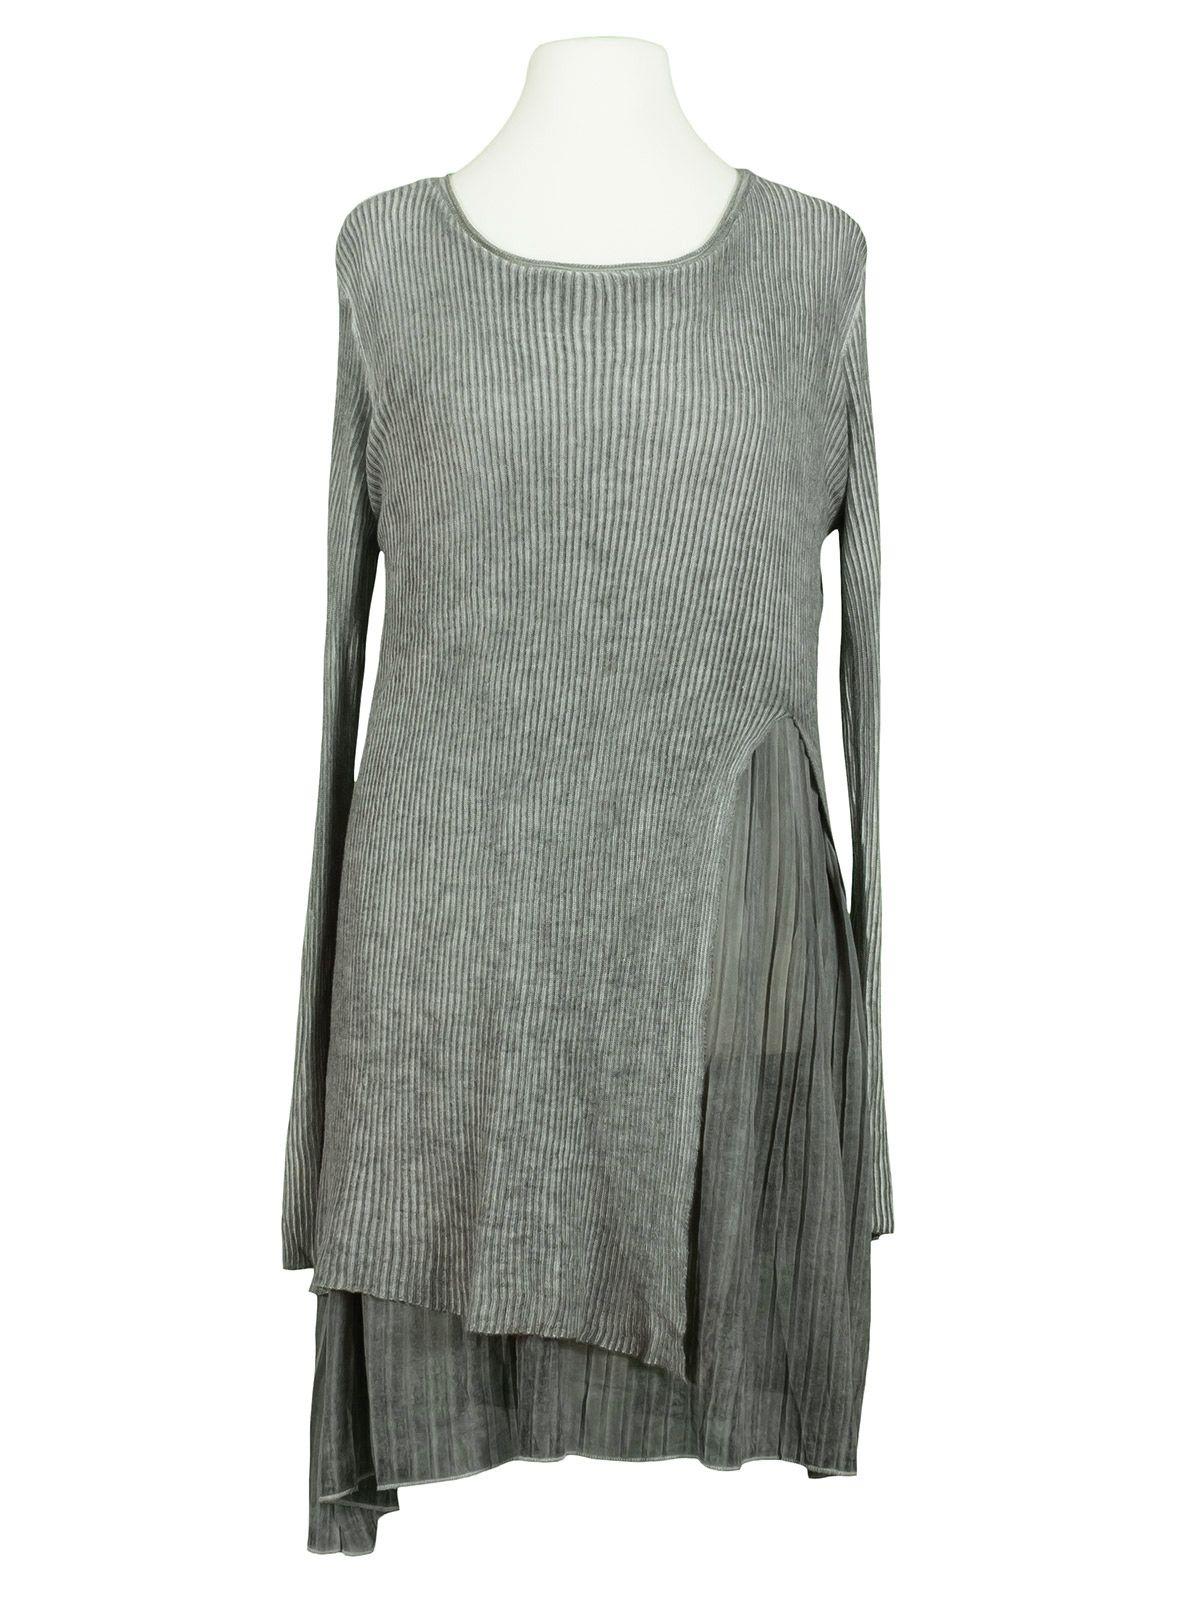 Damen kleid lagenlook